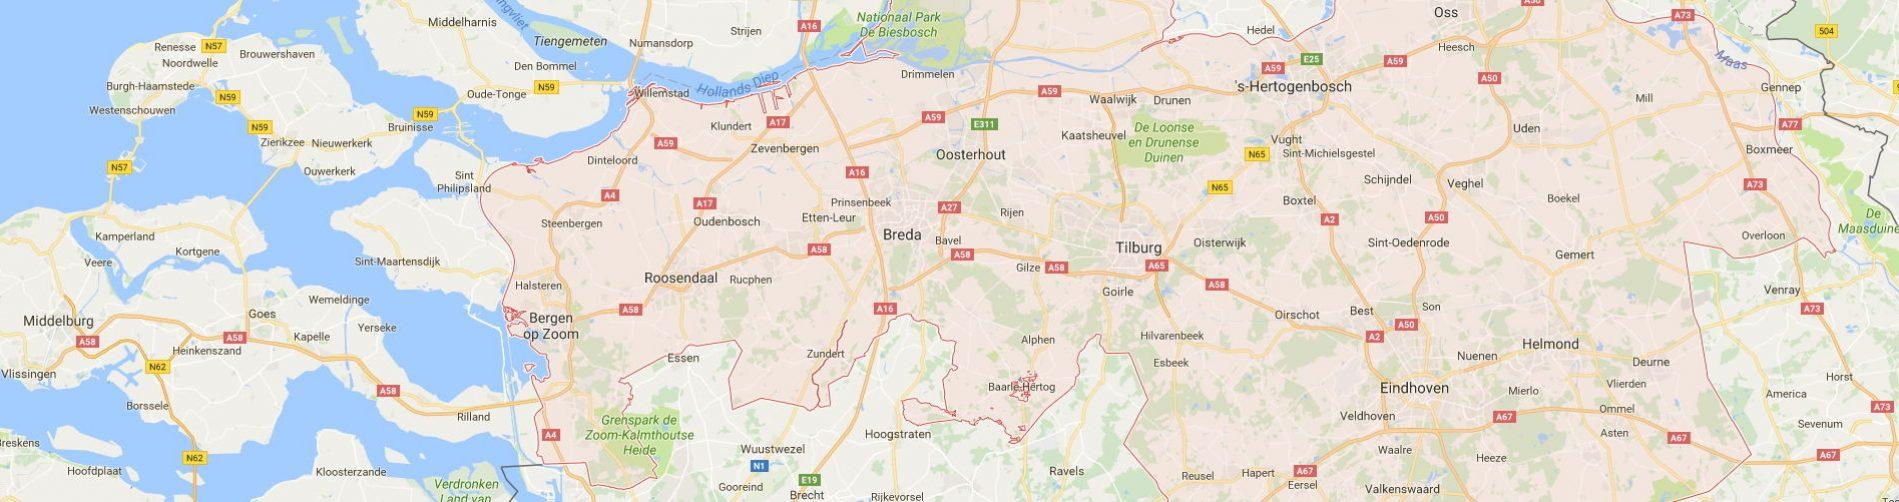 Particuliere thuiszorg in de provincie noord-brabant